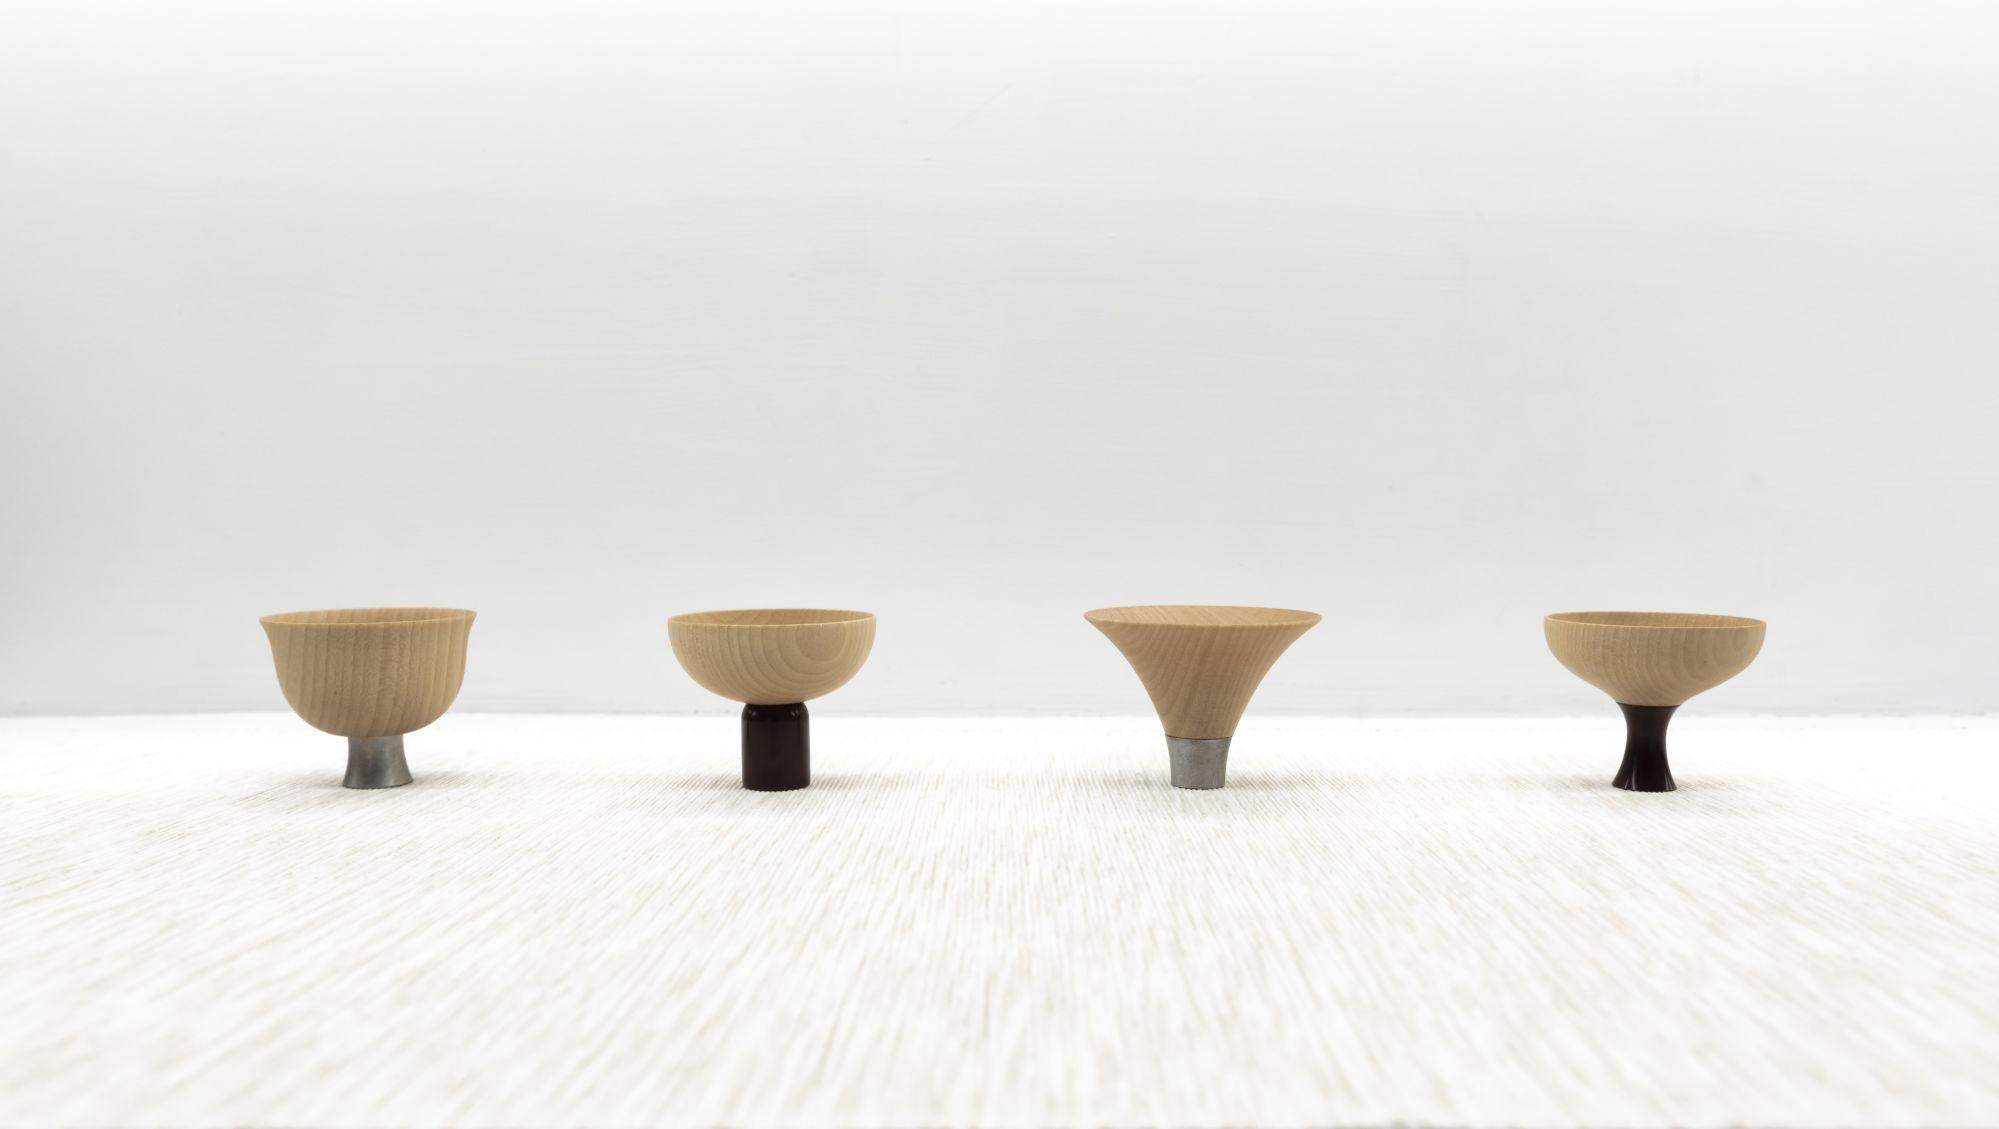 別讓美學與生活脫離!日本「職人精神」夏季清涼居家選物:皇室御用百年漆器茶具、400年錫器鑄造技術啤酒杯